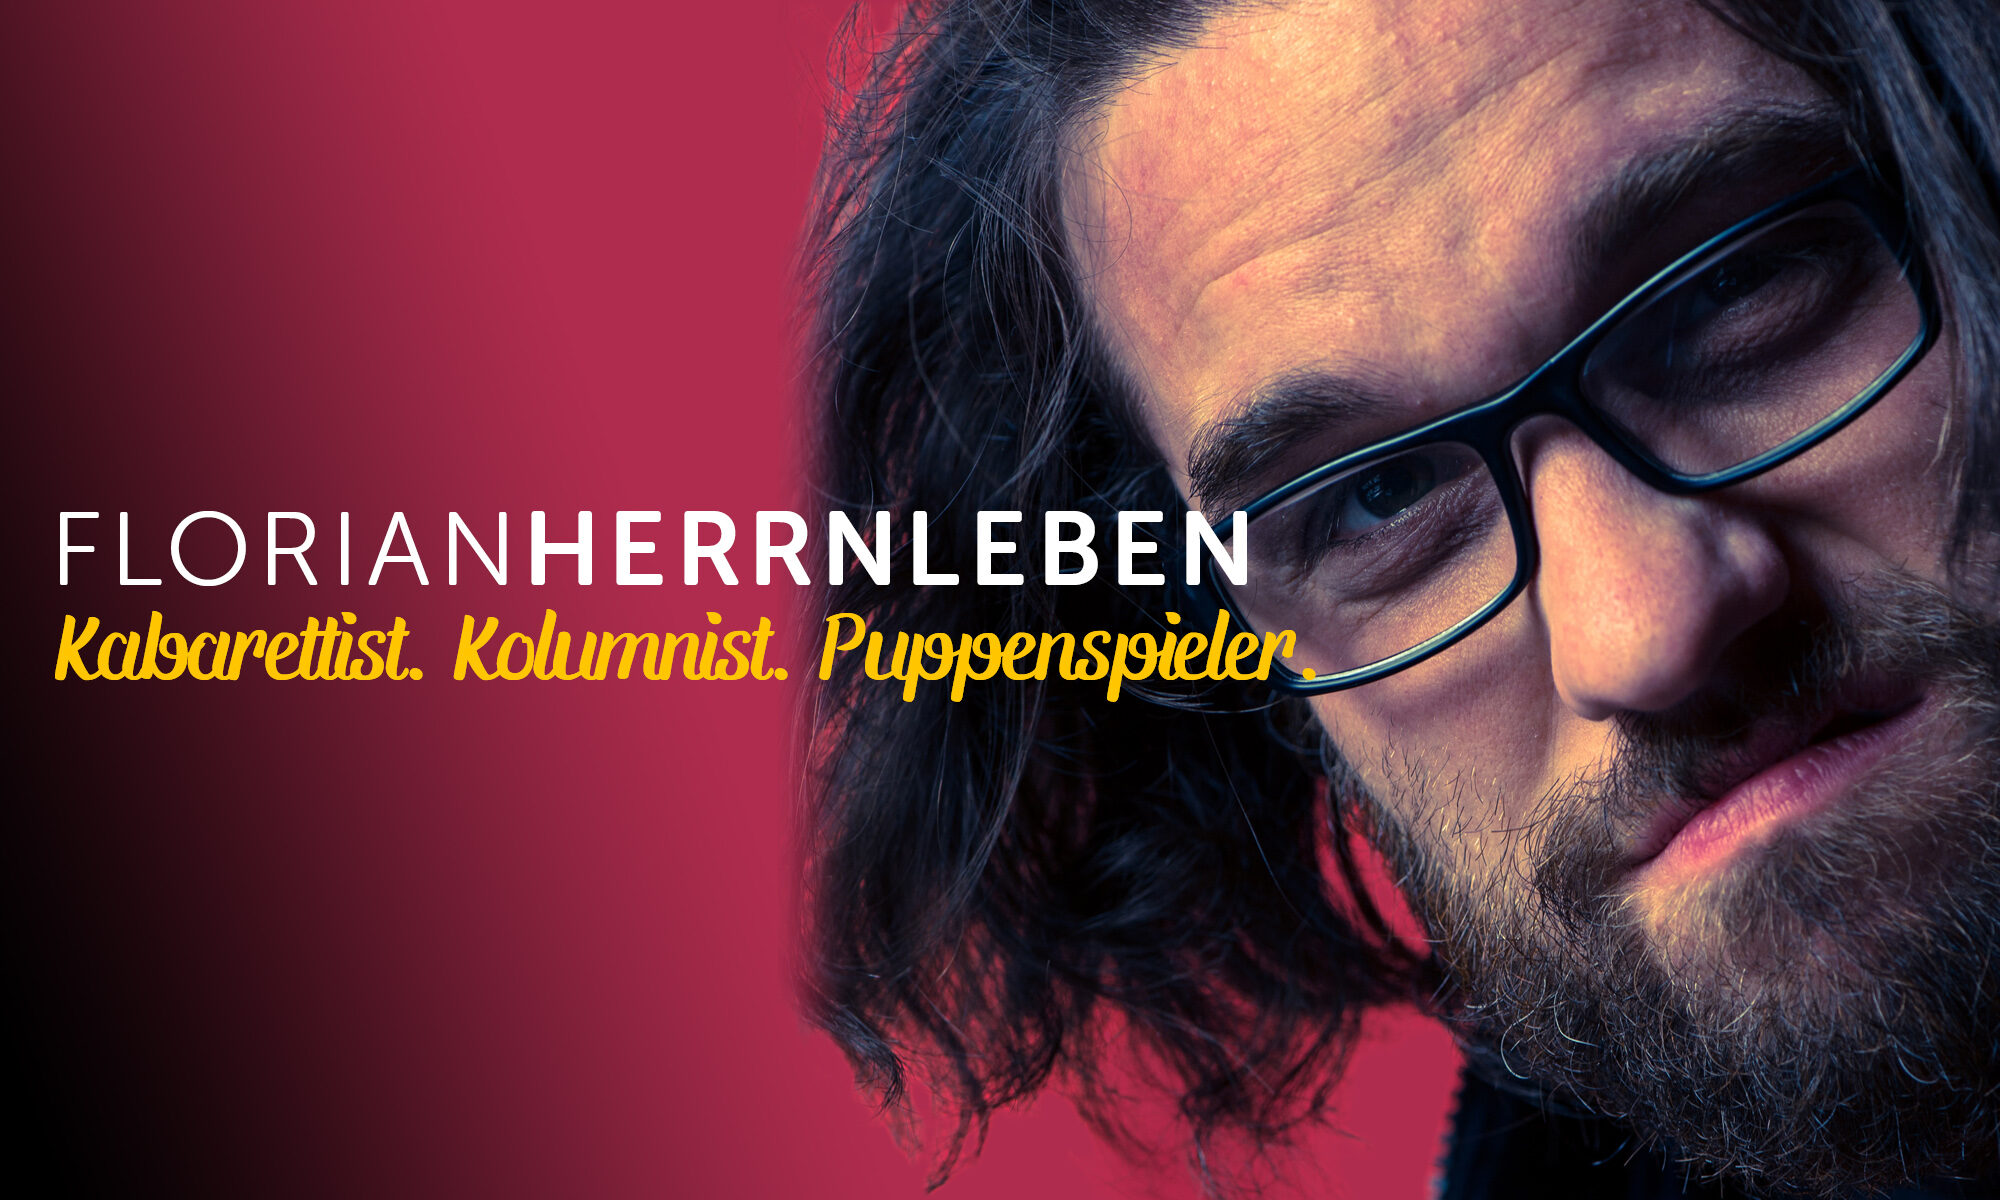 Florian Herrnleben